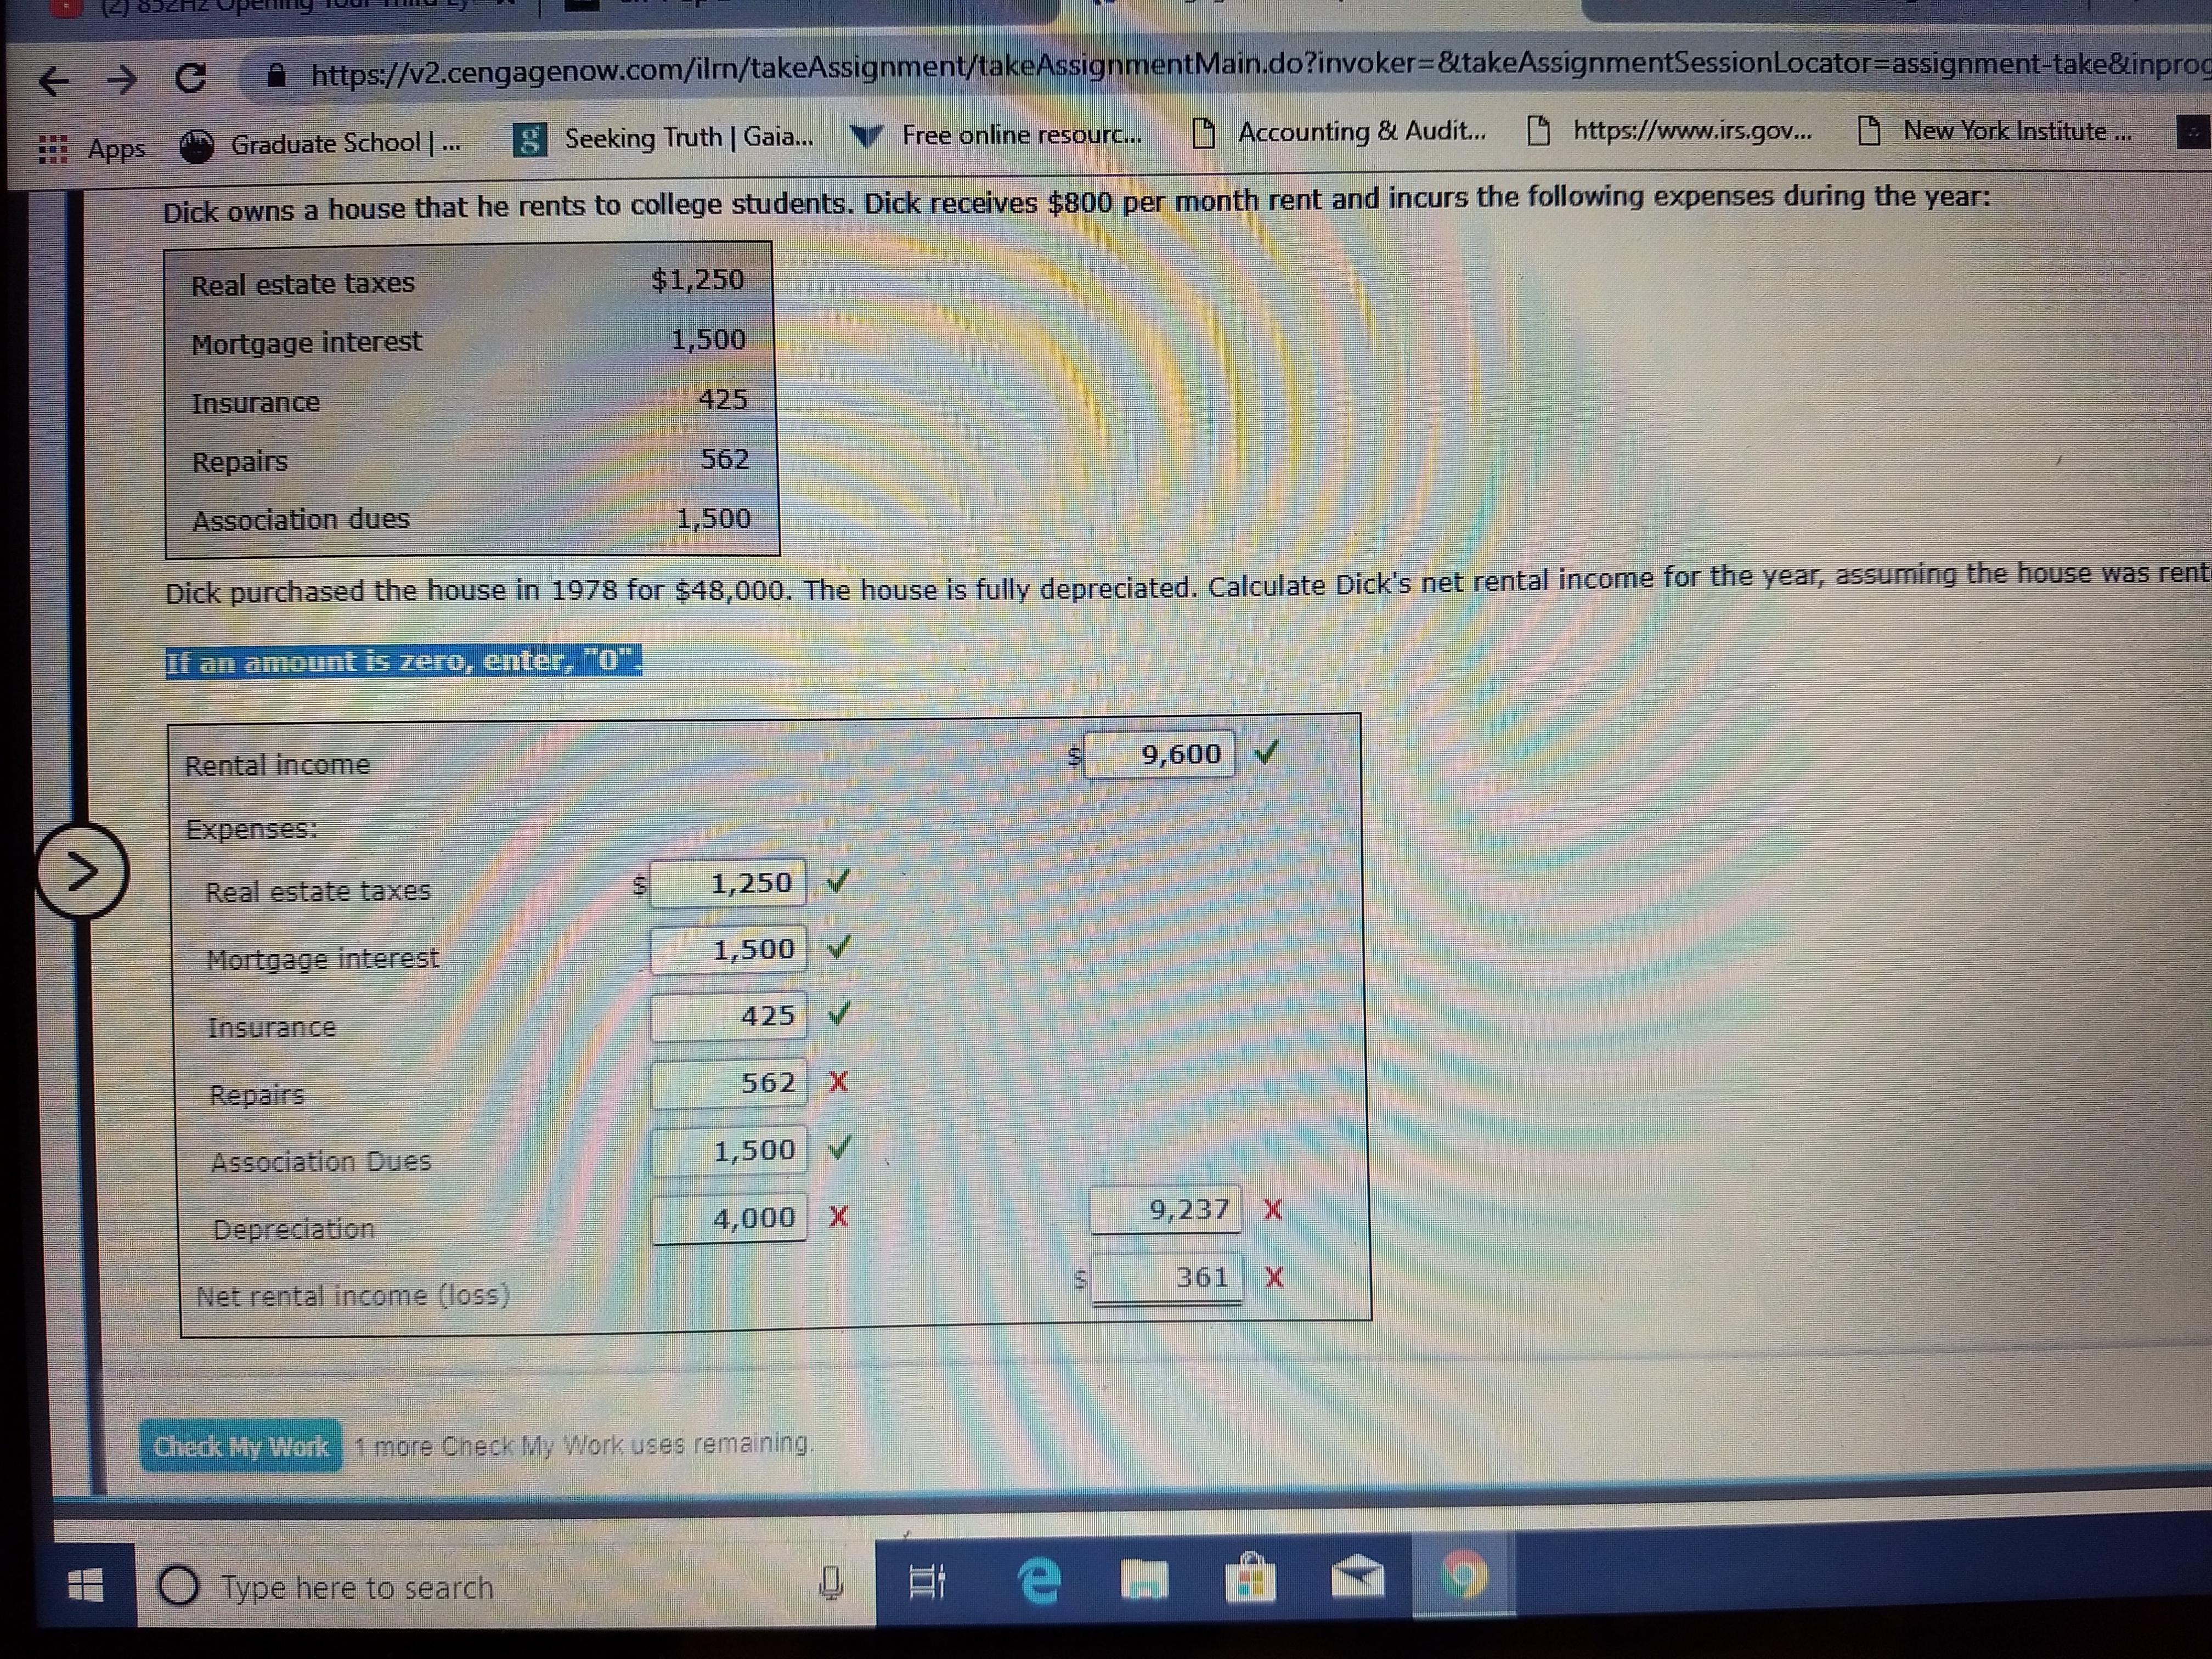 に) 832 Hz opening eChttp//2.cengagenow.com/ilm/takeAssignment/takeAssignmentMain.do?invoker-BtakeAssignmentSessionlocator-assignment-takešinpro 舀 다 Accounting & Audit D htt ps://www.irs.gov .. D New York Institute. : Apps : Apps-Graduate School Seeking Truth | Gaia Free online resourc . Dick ow ns a house that he rents to college students. Dick receives $800 per month rent and incurs the following expenses during the year: Real estate taxes Mortgage interest Insurance Repairs Association dues $1,250 1,500 425 562 1,500 Dick purchased the house in 1978 for $48,000. The house is fully depreciated. Calculate Dick's net rental income for the year, assuming the house was rent Rental income 9,600 V Expenses 1,250 Real estate taxes Mortgage interest Insurance 1,500 v 425 562 X Association Dues 1,500 4,000 X 9,237 X Depreciation 361 X Net rental income (loss) Check My Work 1 more Check My Work uses remaining 0 Type here to search 뻬曲